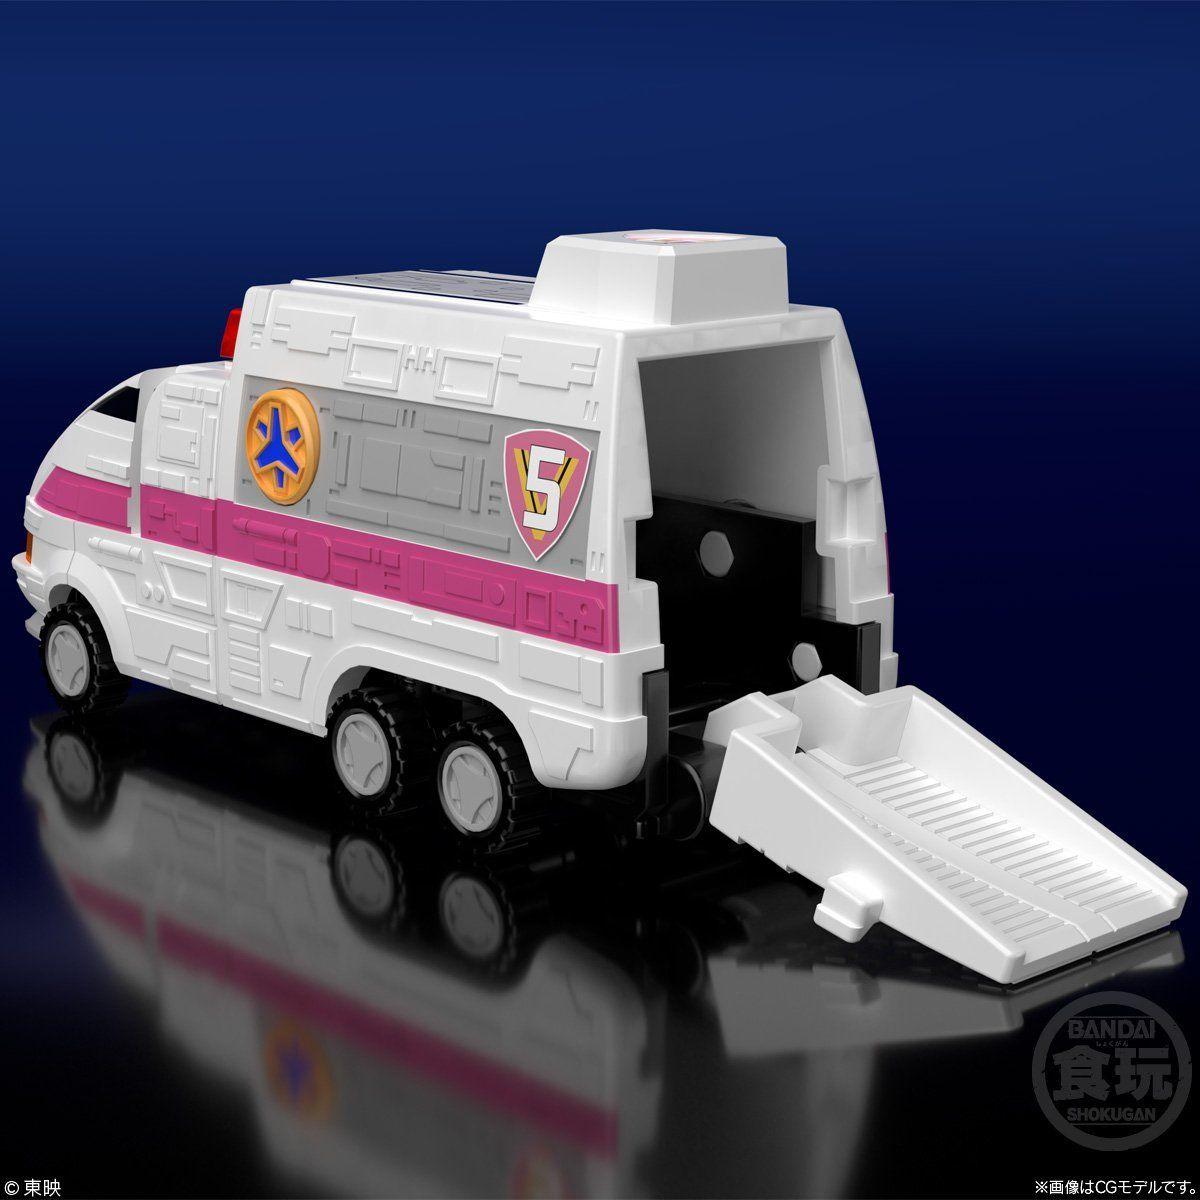 【食玩】スーパーミニプラ『緊急合体 ビクトリーロボ』救急戦隊ゴーゴーファイブ プラモデル-006